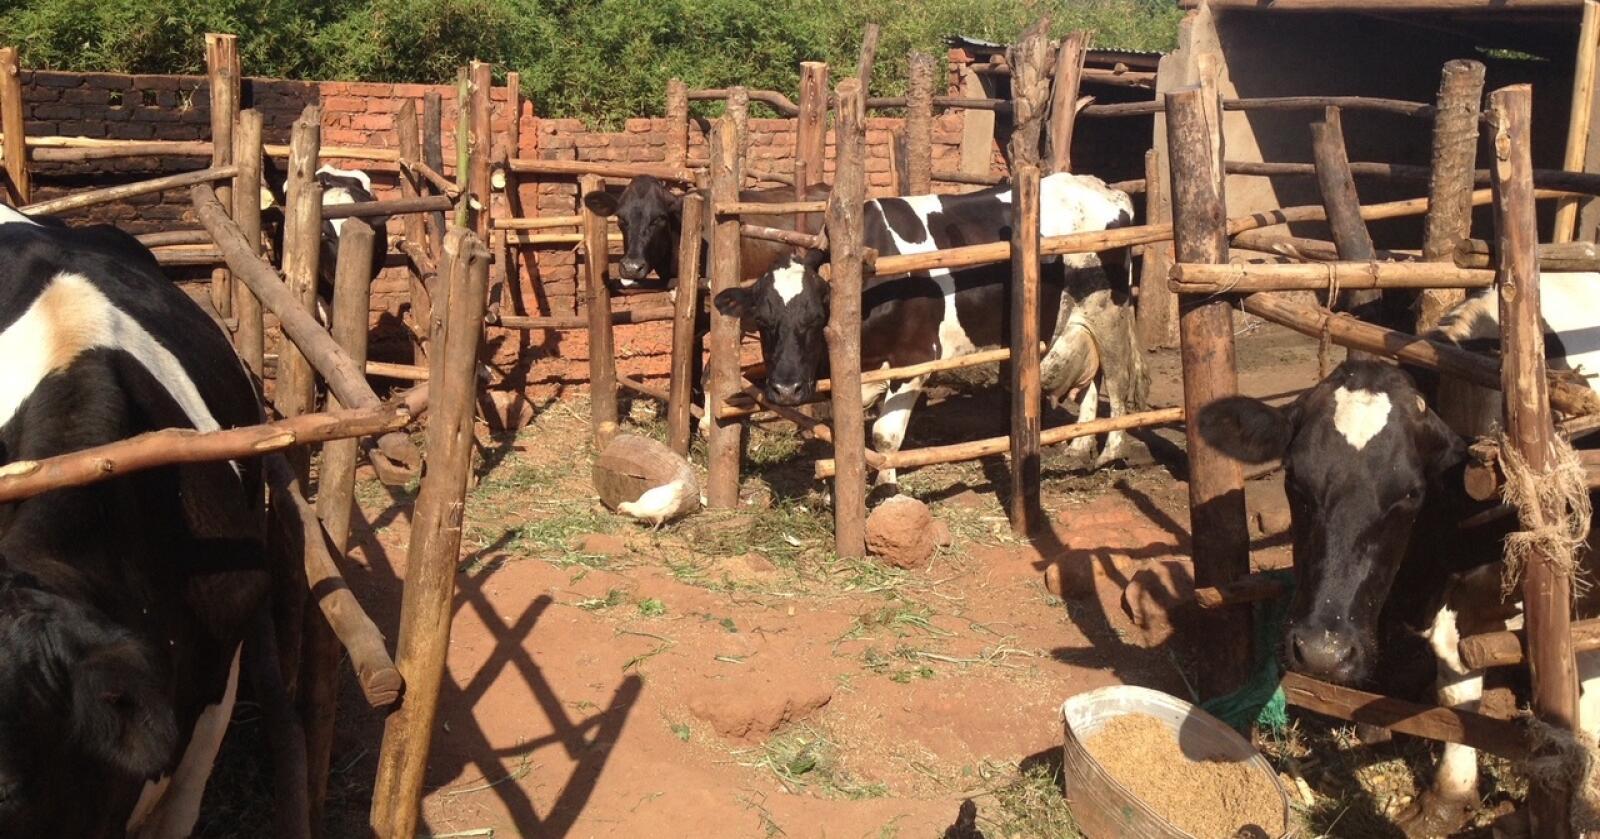 Så mye som én av fem i Malawi er underernært. Norfund mener økt konsum av melkeprodukter kan være et viktig bidrag til å snu denne utviklingen. Foto: Lilongwe Dairy